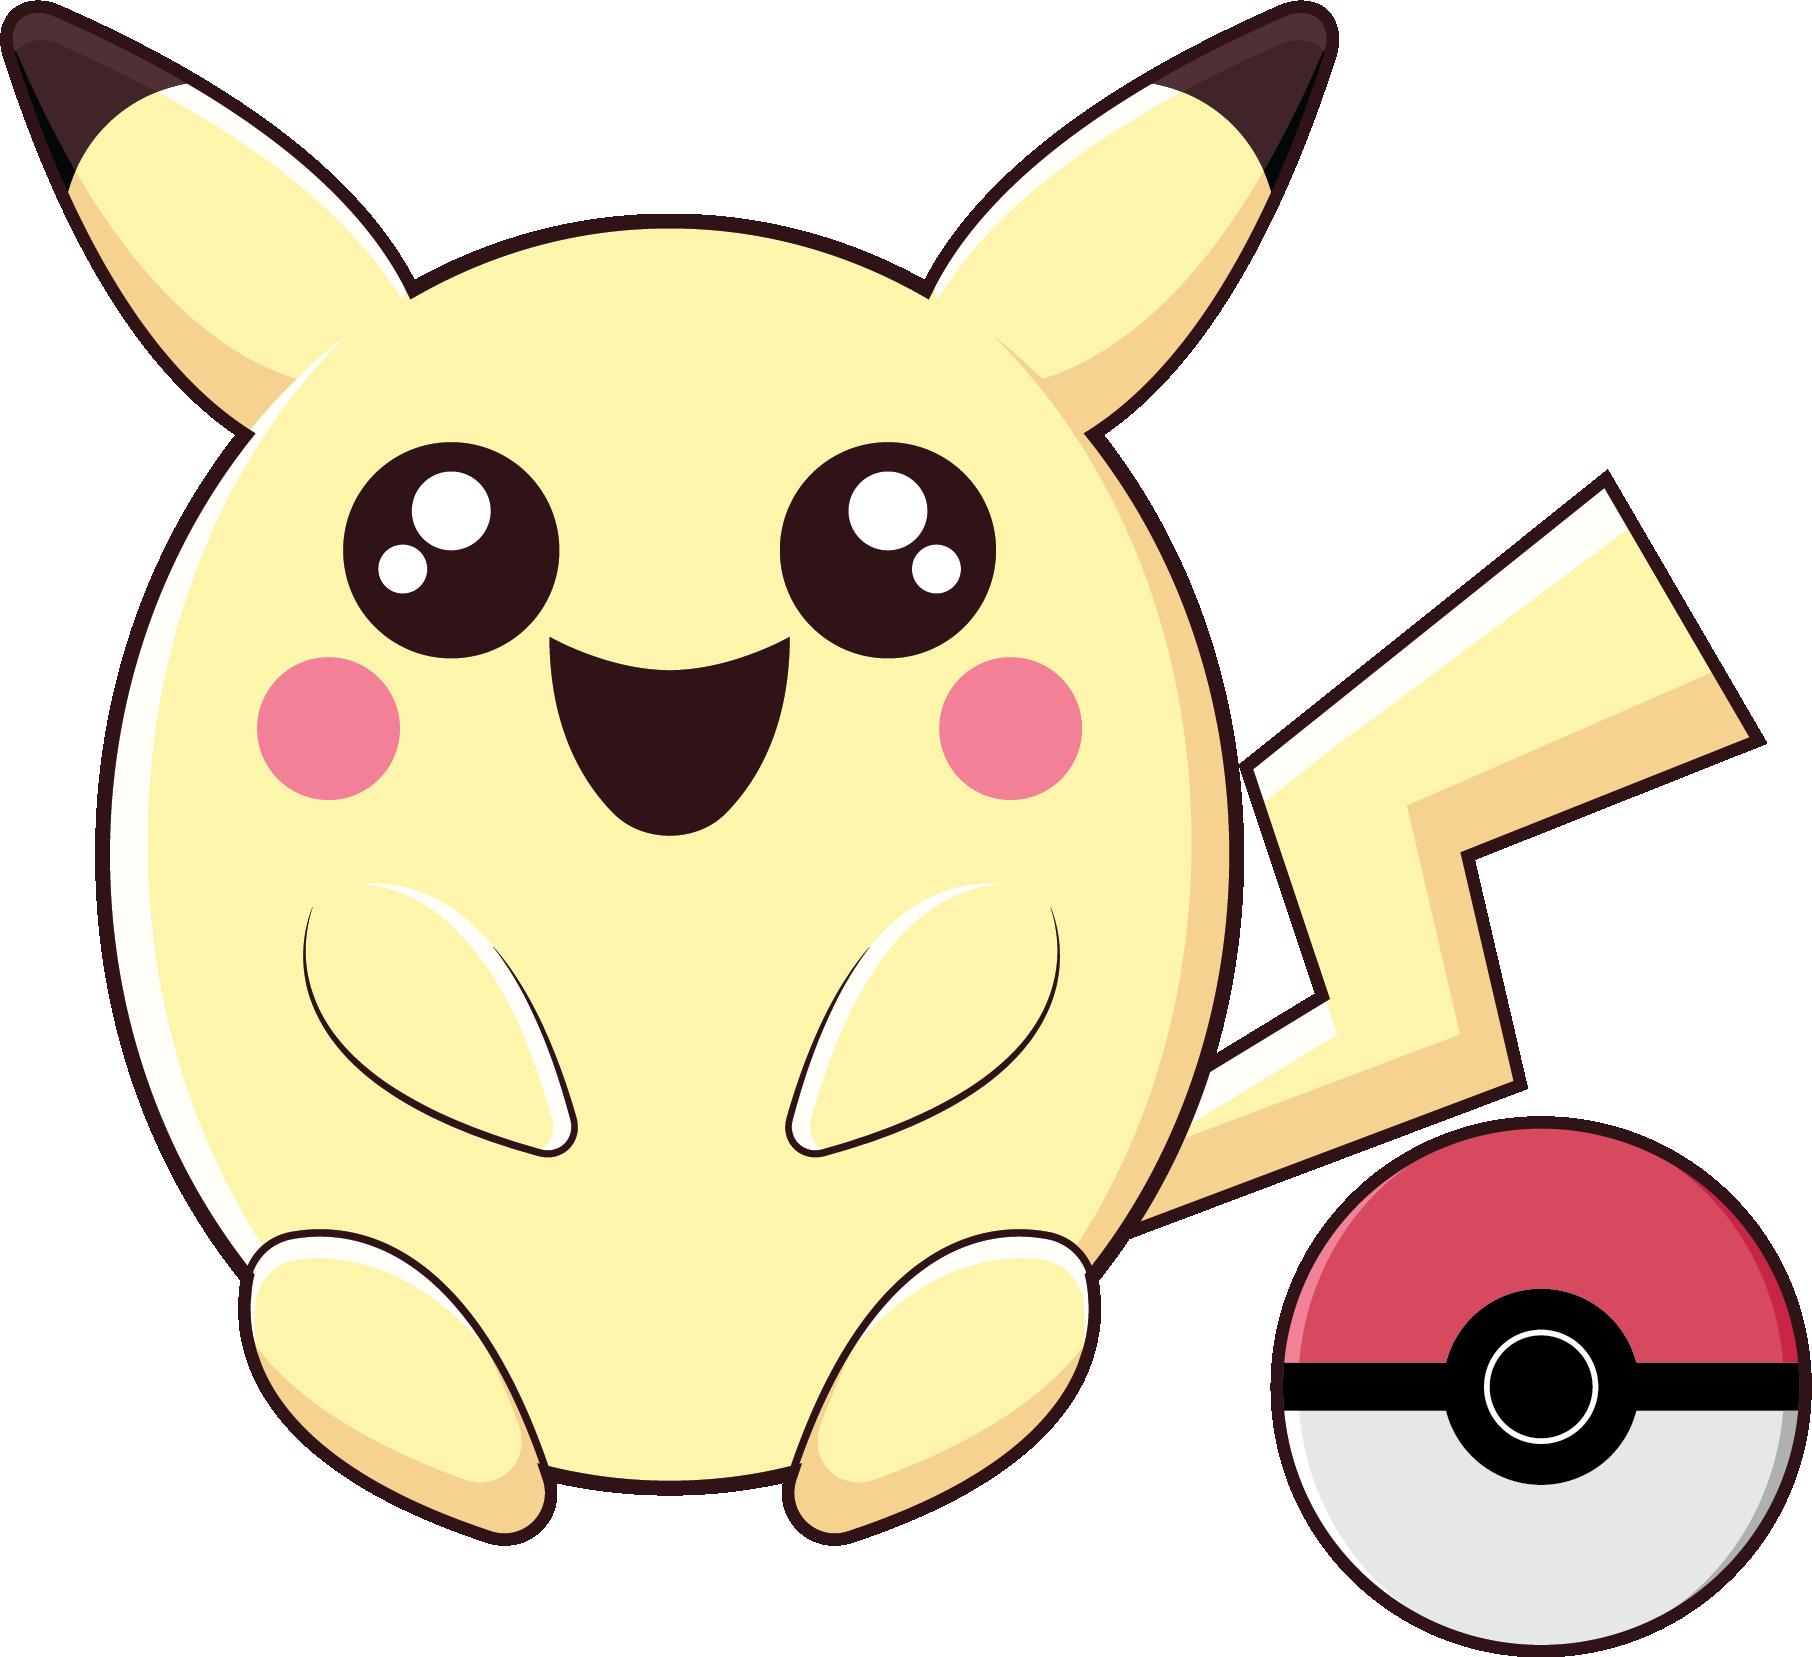 Anime character clipart jpg library Pokemon image famous anime character only clipart - ClipartPost jpg library